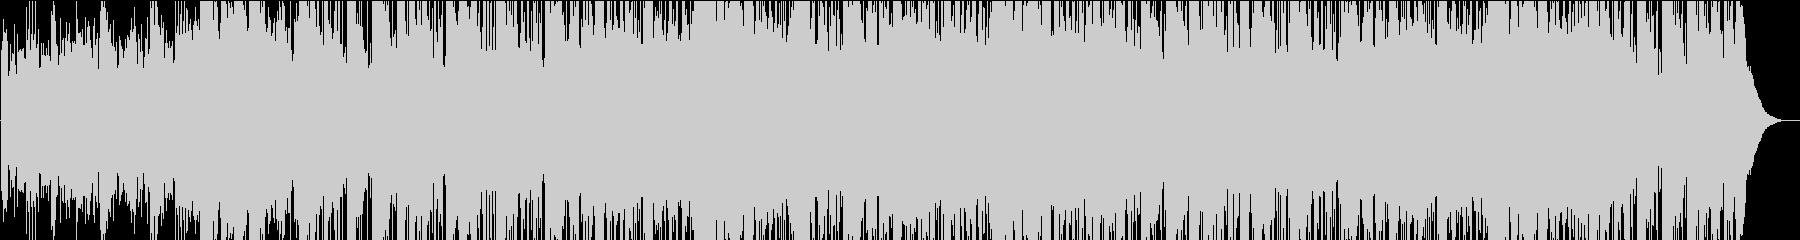 ポップ テクノ 代替案 エレクトロ...の未再生の波形